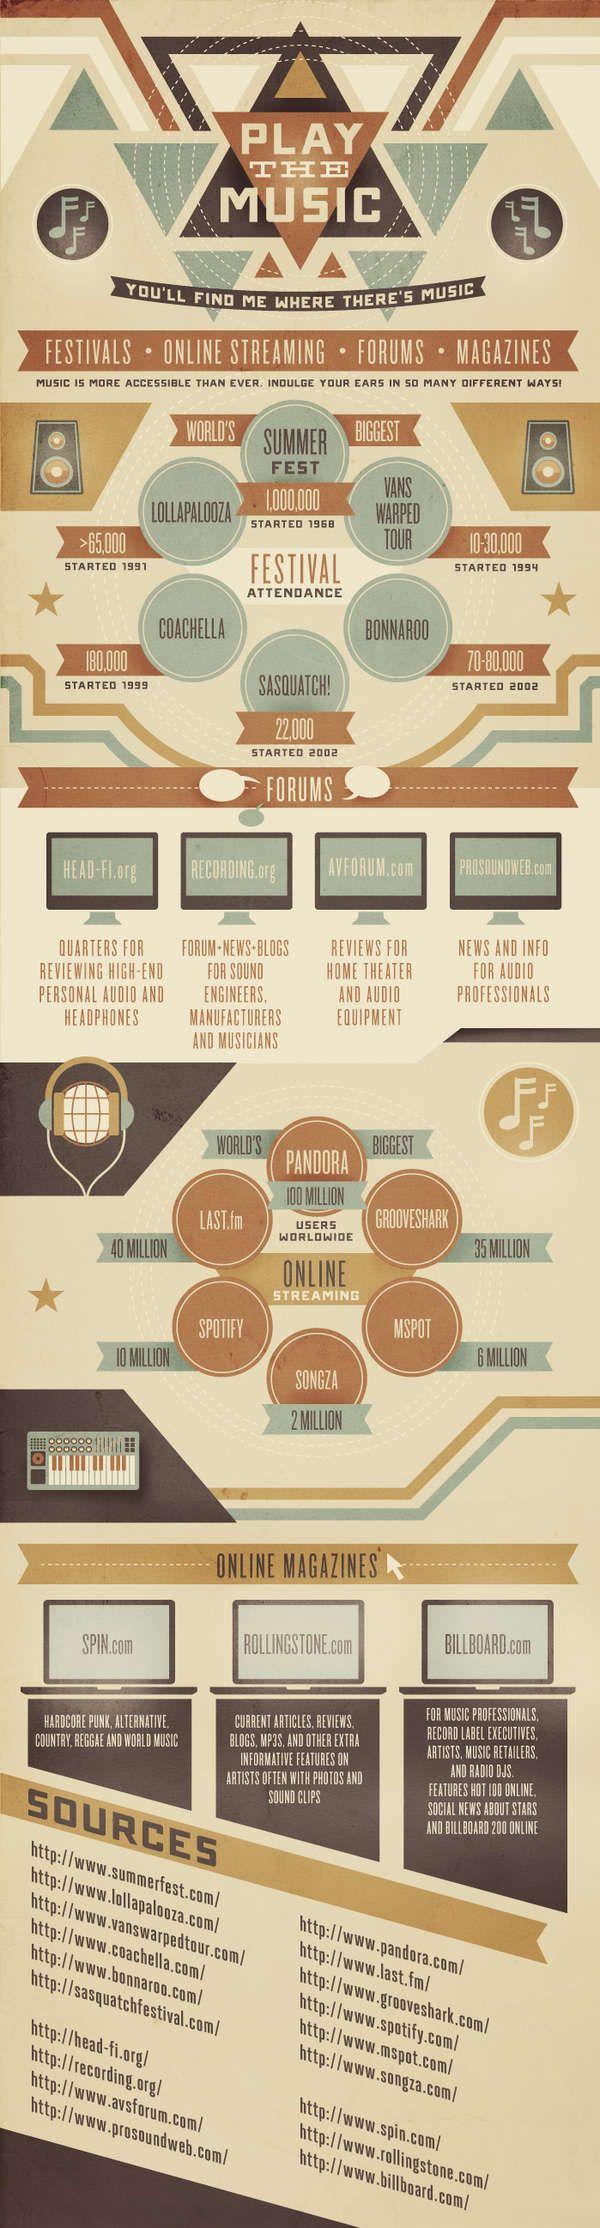 Todo sobre música online #infografia #infographic #internet